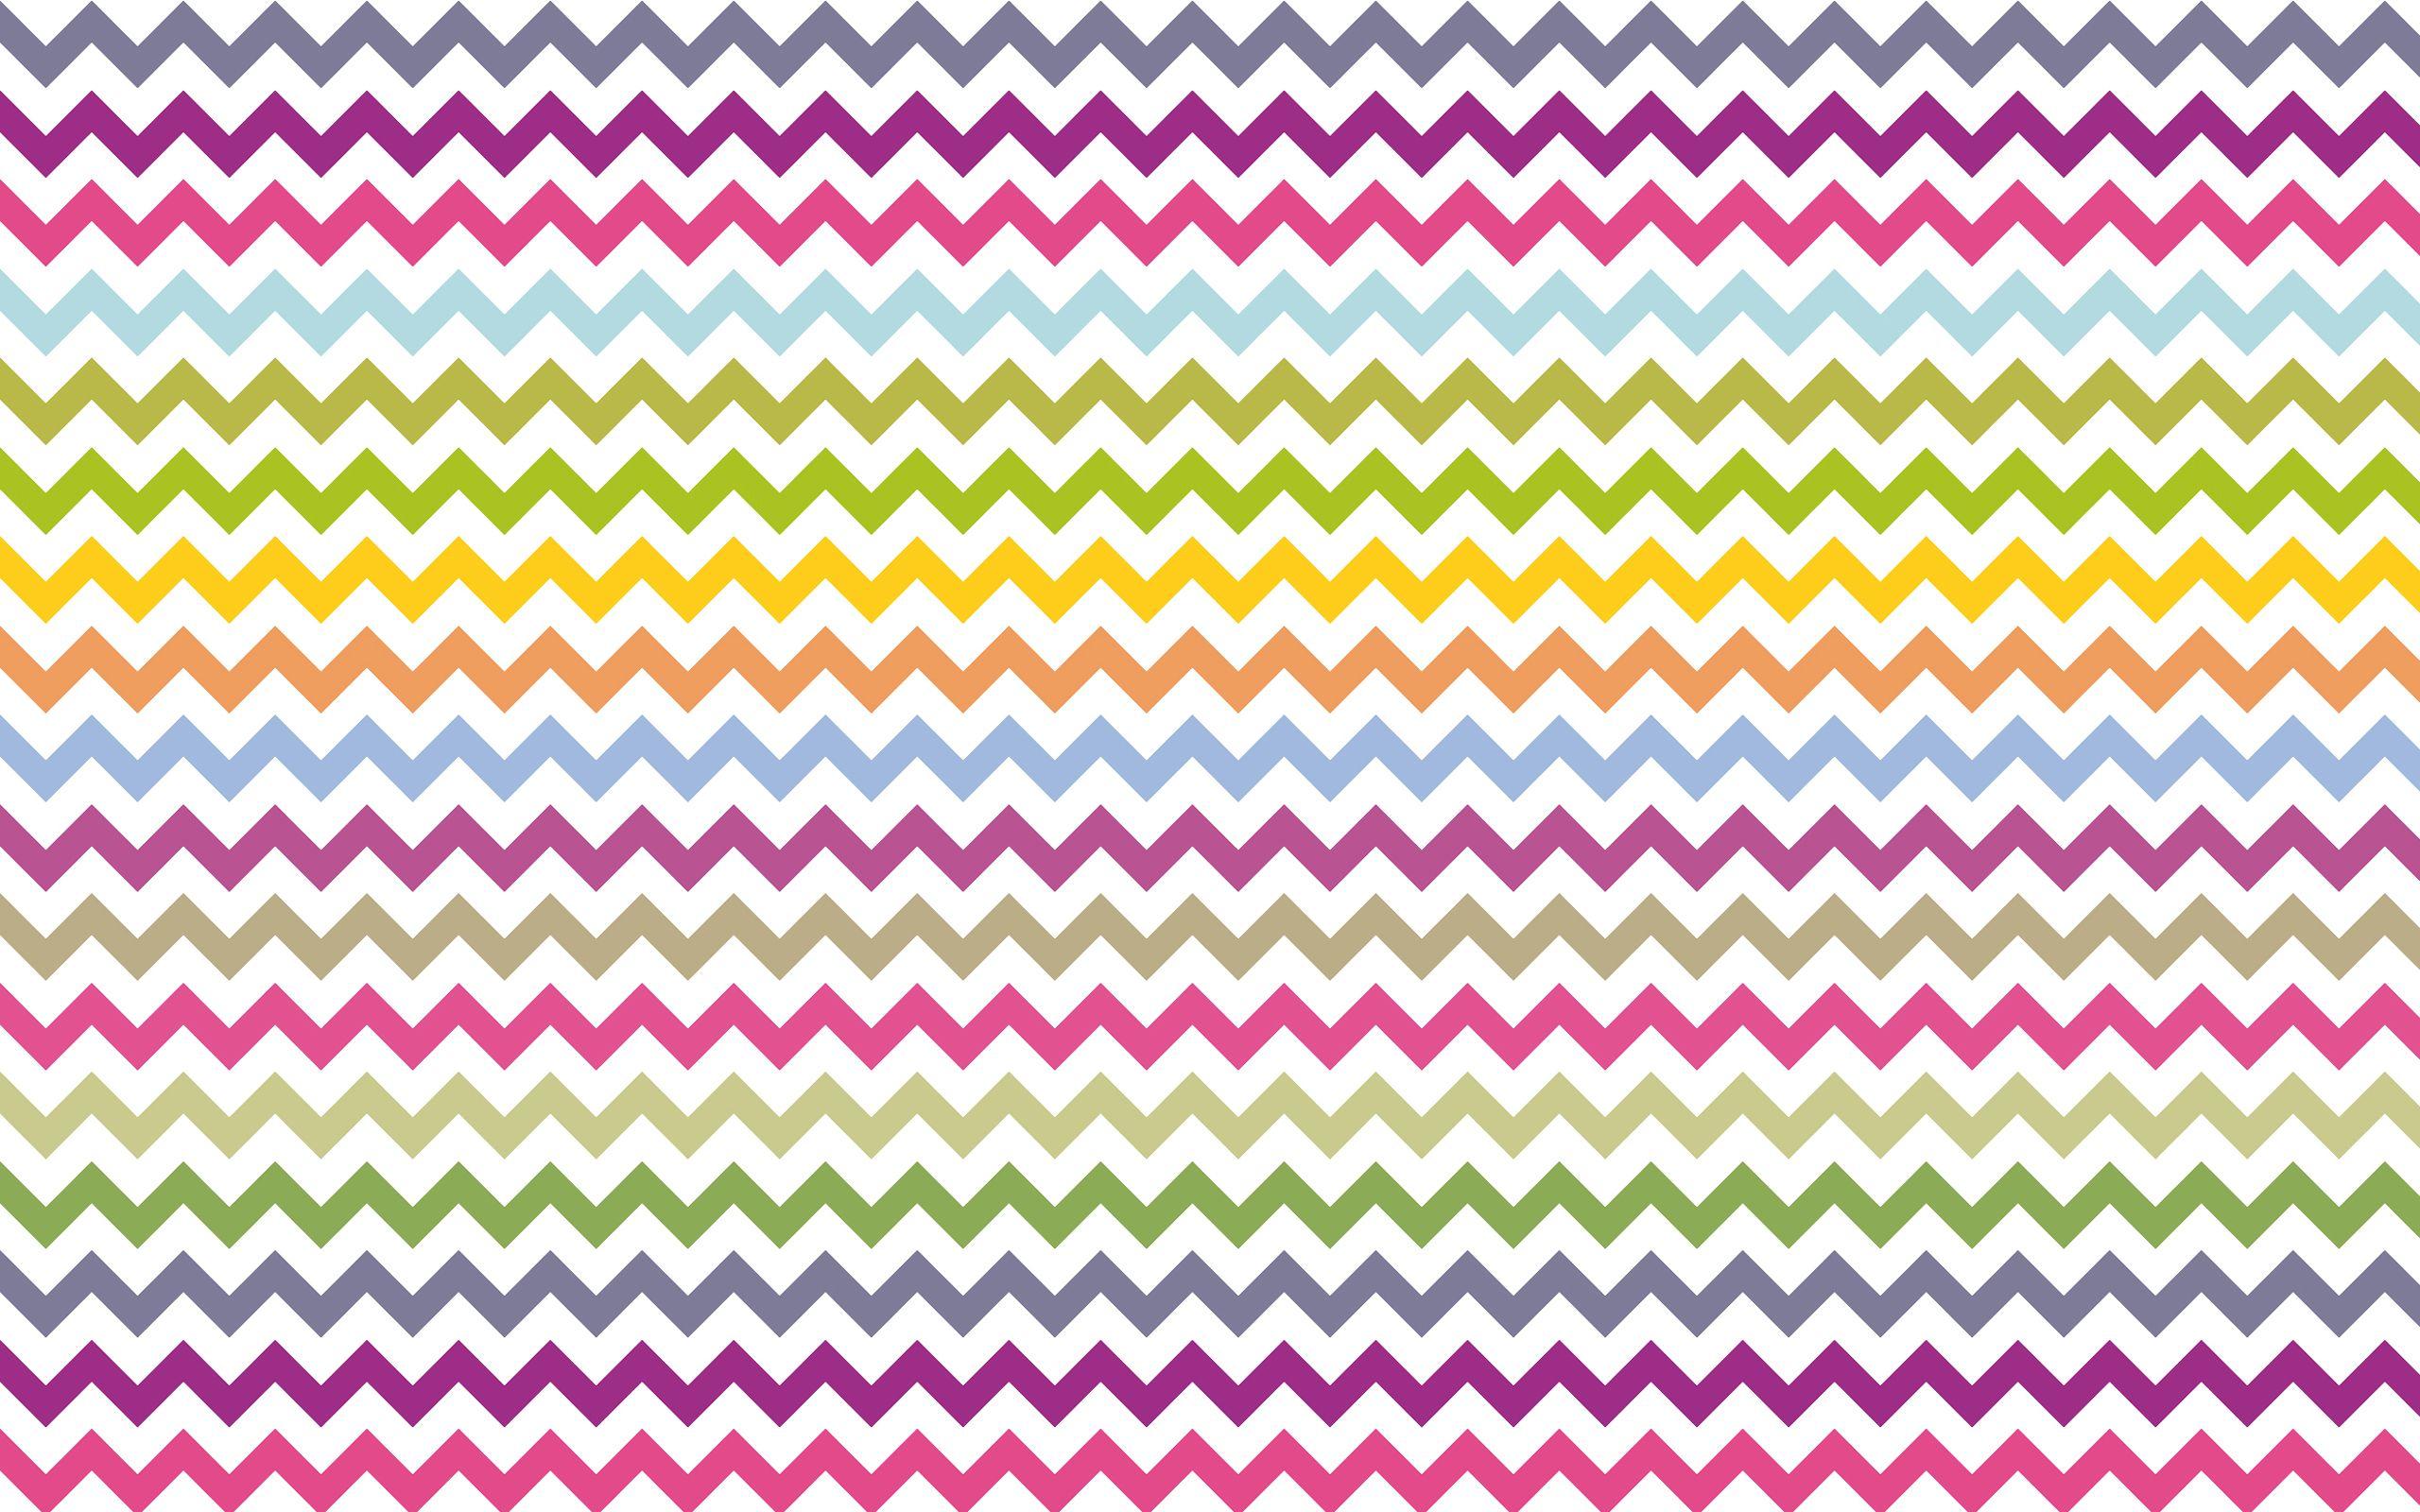 chevron pattern wallpaper - HD1600×904